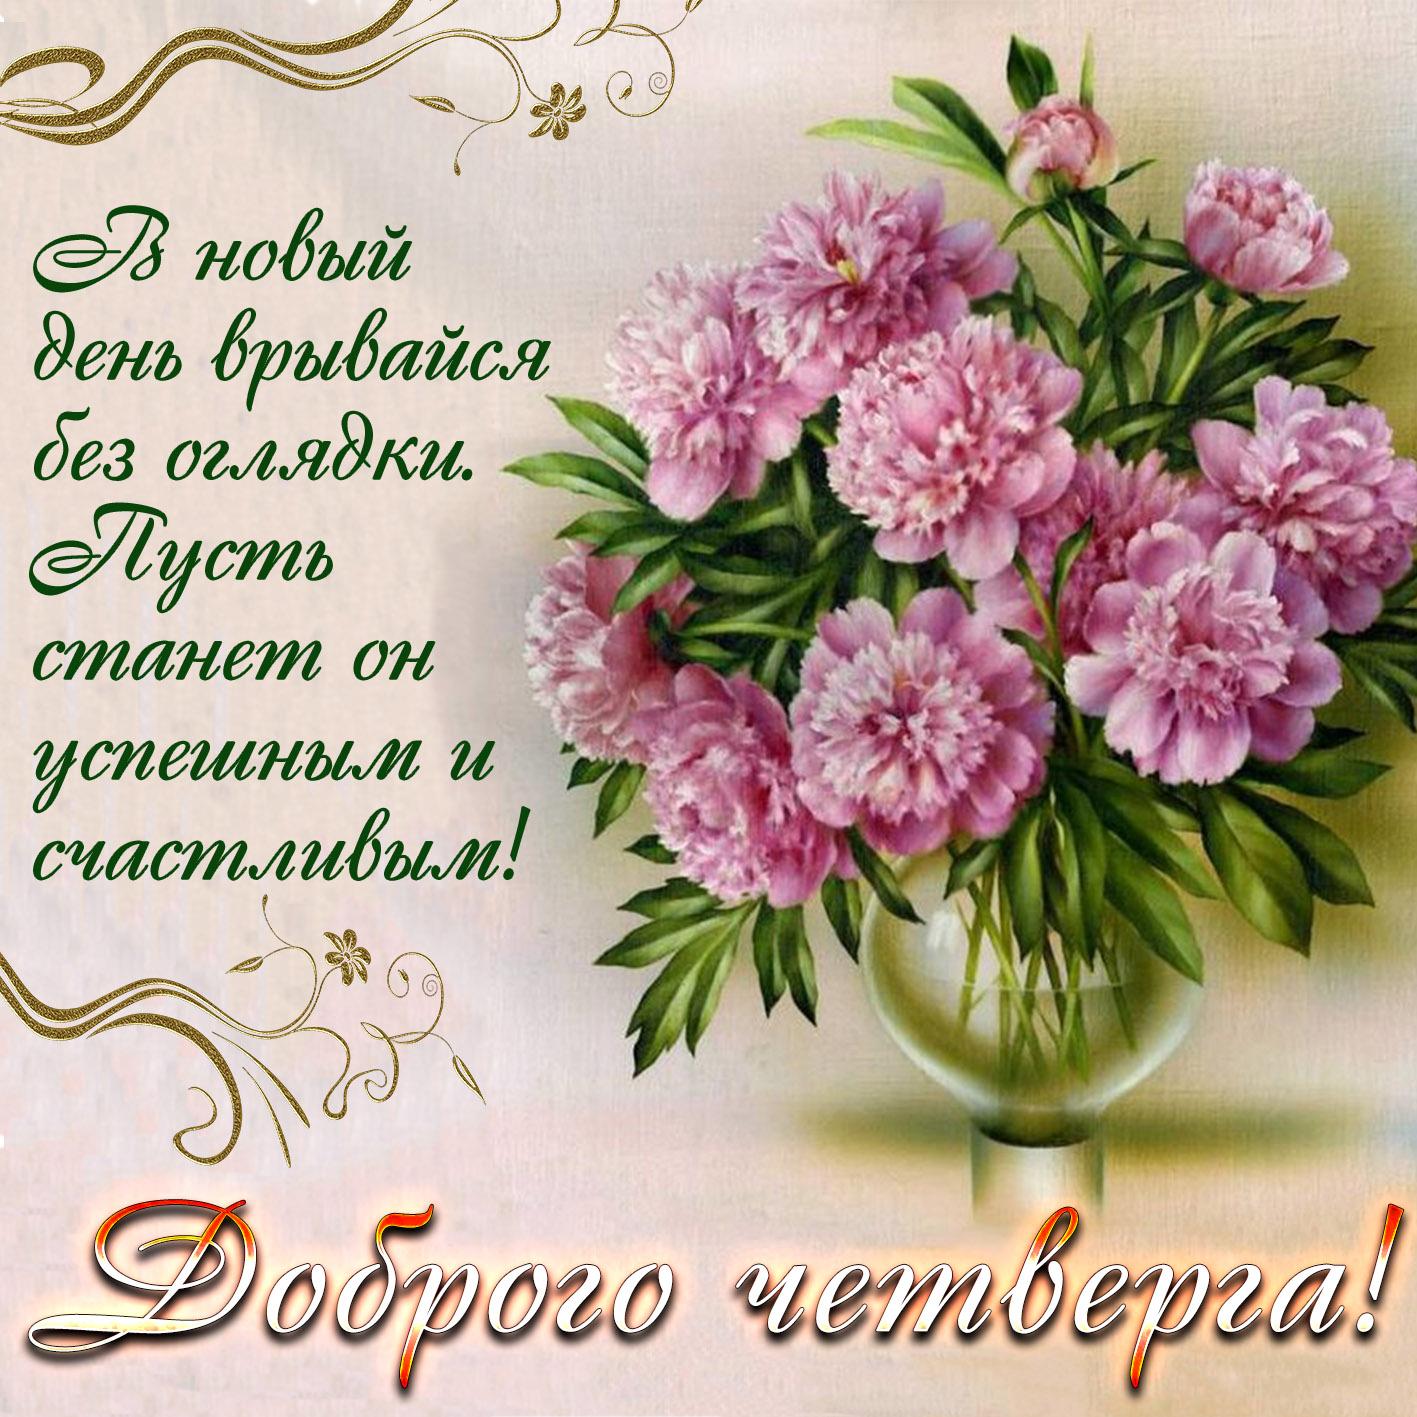 открытки с цветами добрый день с пожеланиями кондитеры постоянно